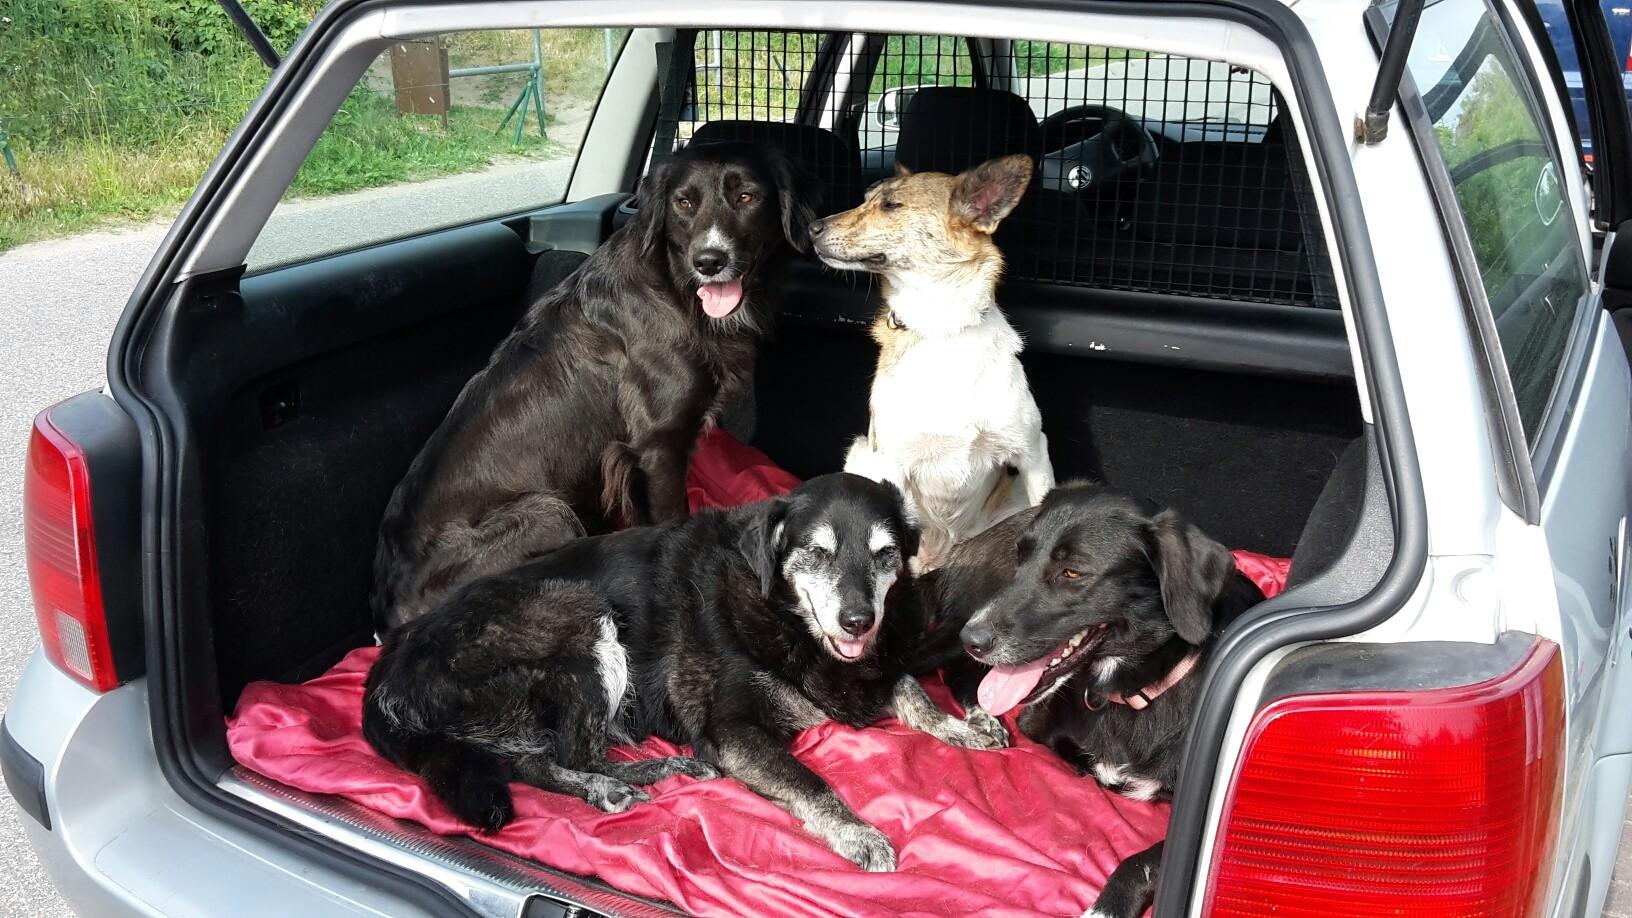 hundetraining seelenhund ebner problemhundberaterin. Black Bedroom Furniture Sets. Home Design Ideas